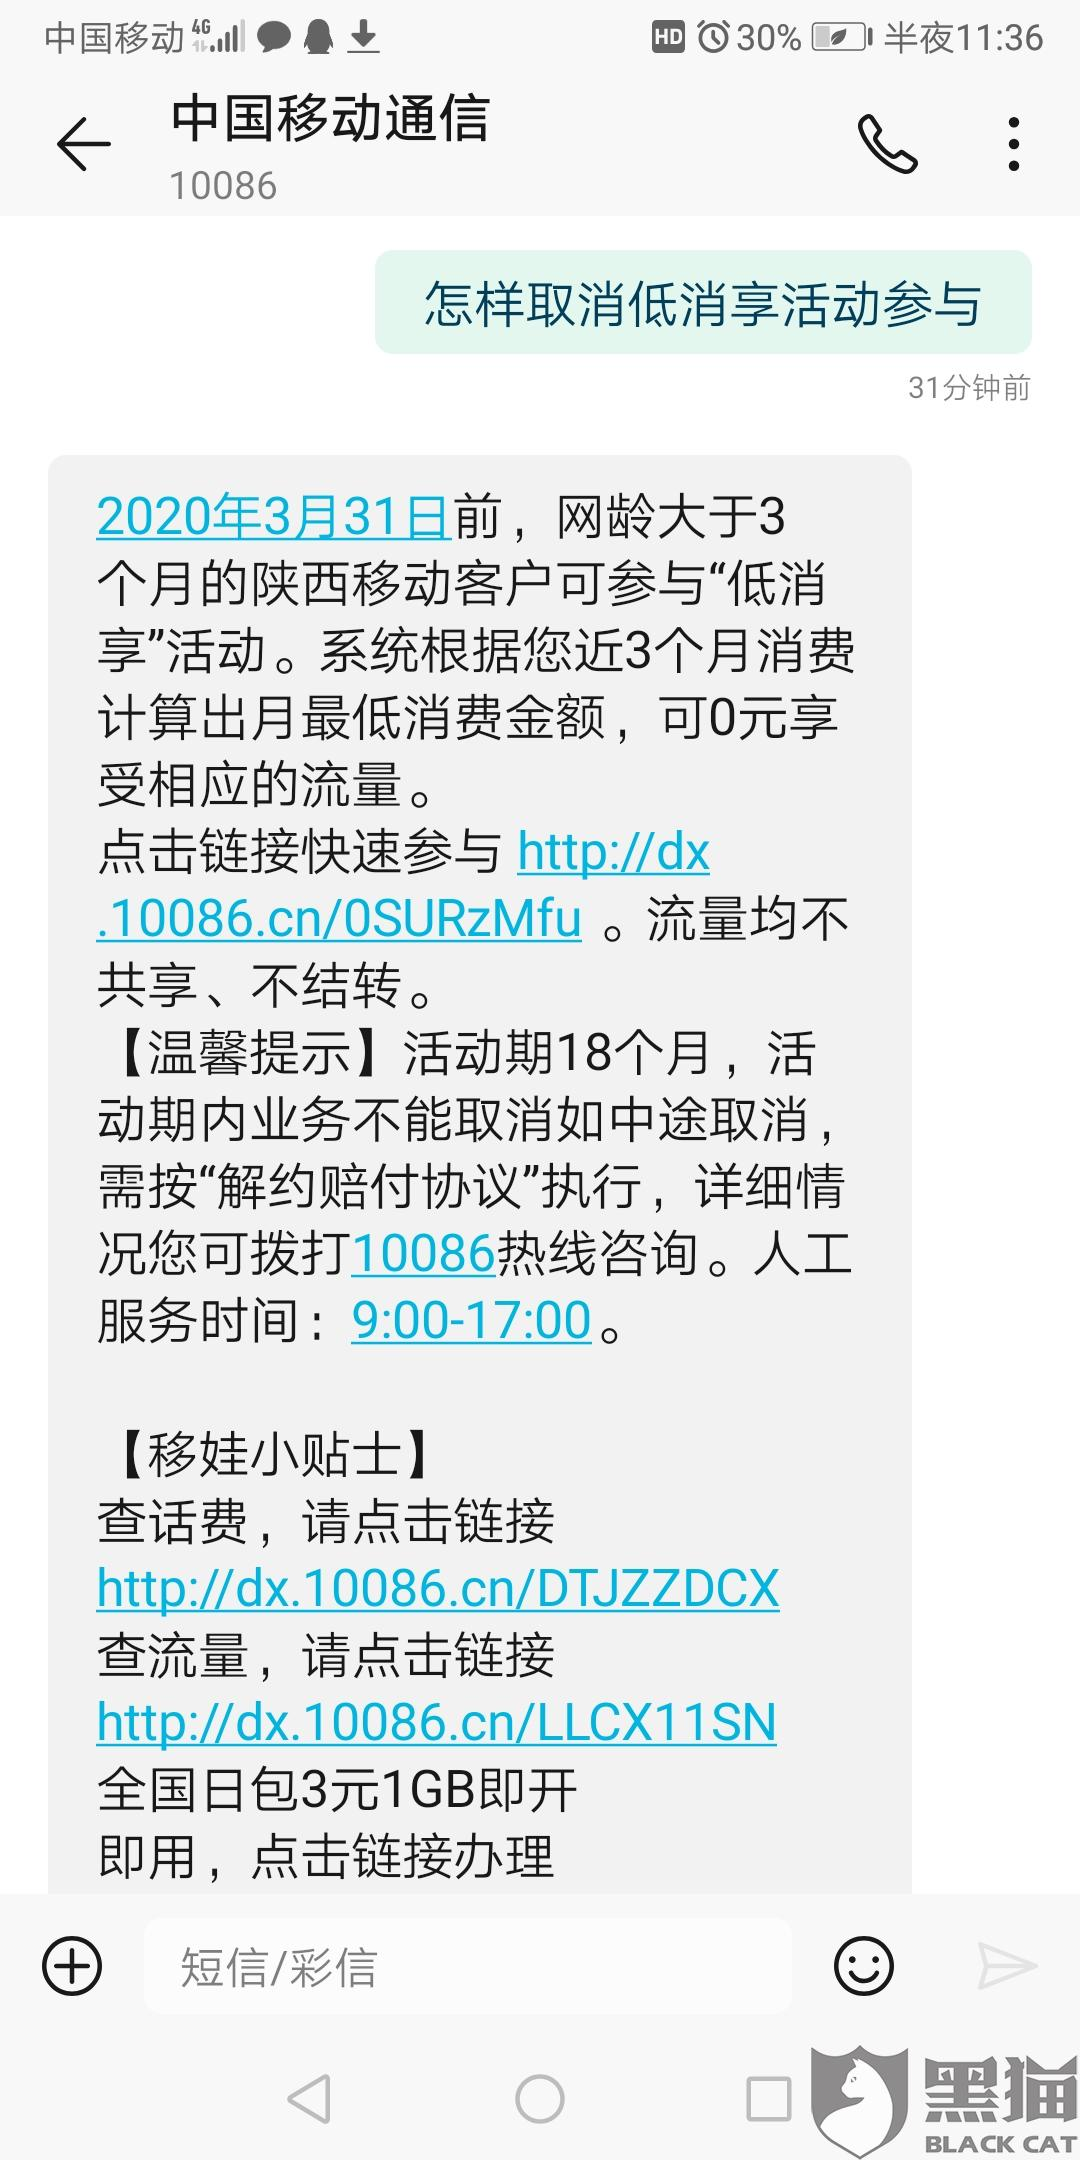 黑猫投诉:中国移动10086给我发送了一个不完整短信,导致我的大量消费霸王条款还不准取消